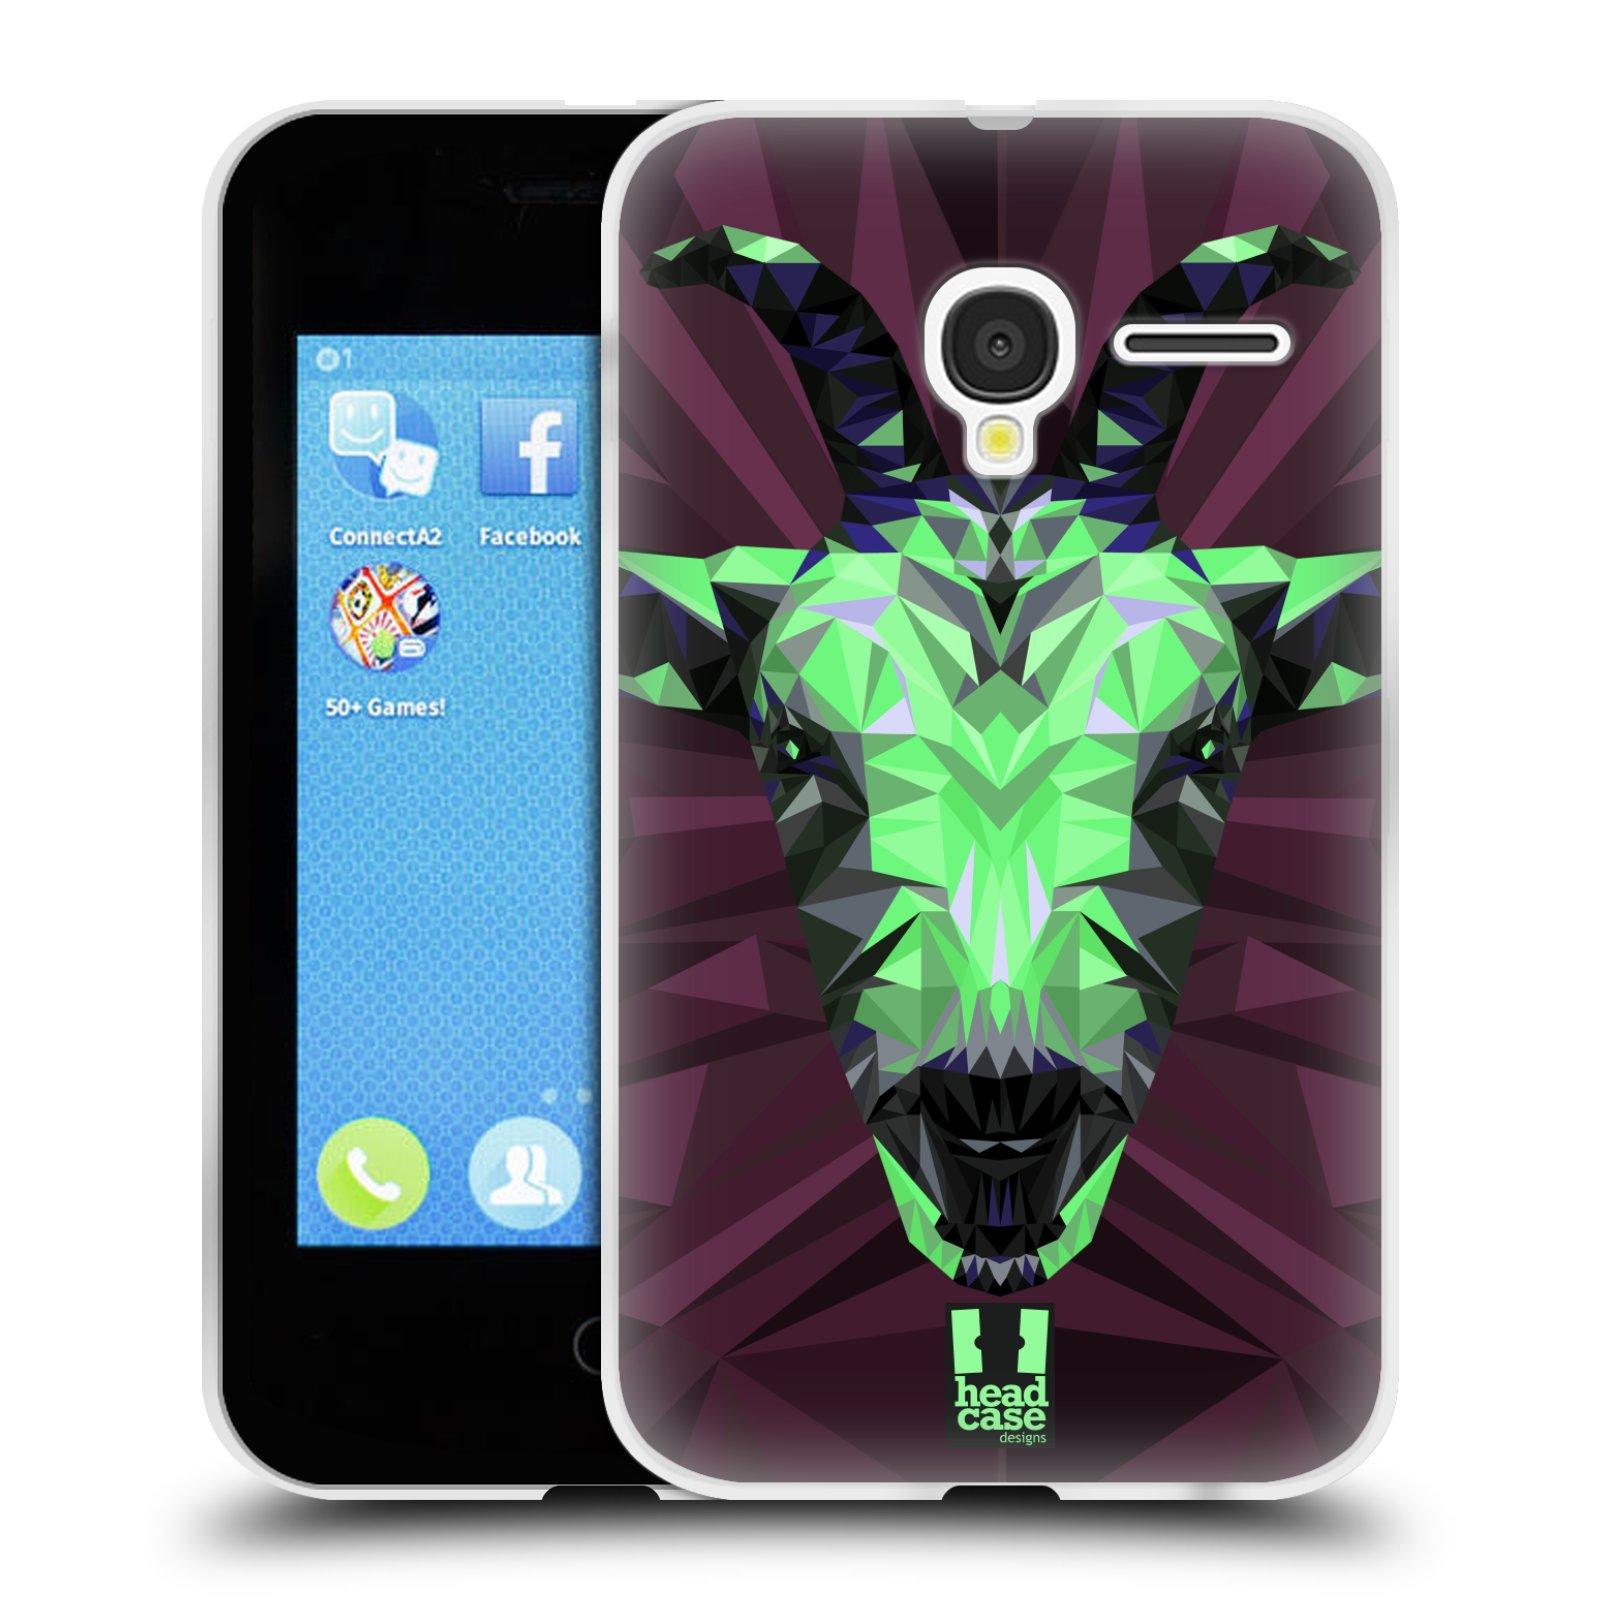 HEAD CASE silikonový obal na mobil Alcatel PIXI 3 OT-4022D (3,5 palcový displej) vzor Geometrická zvířata 2 kozel